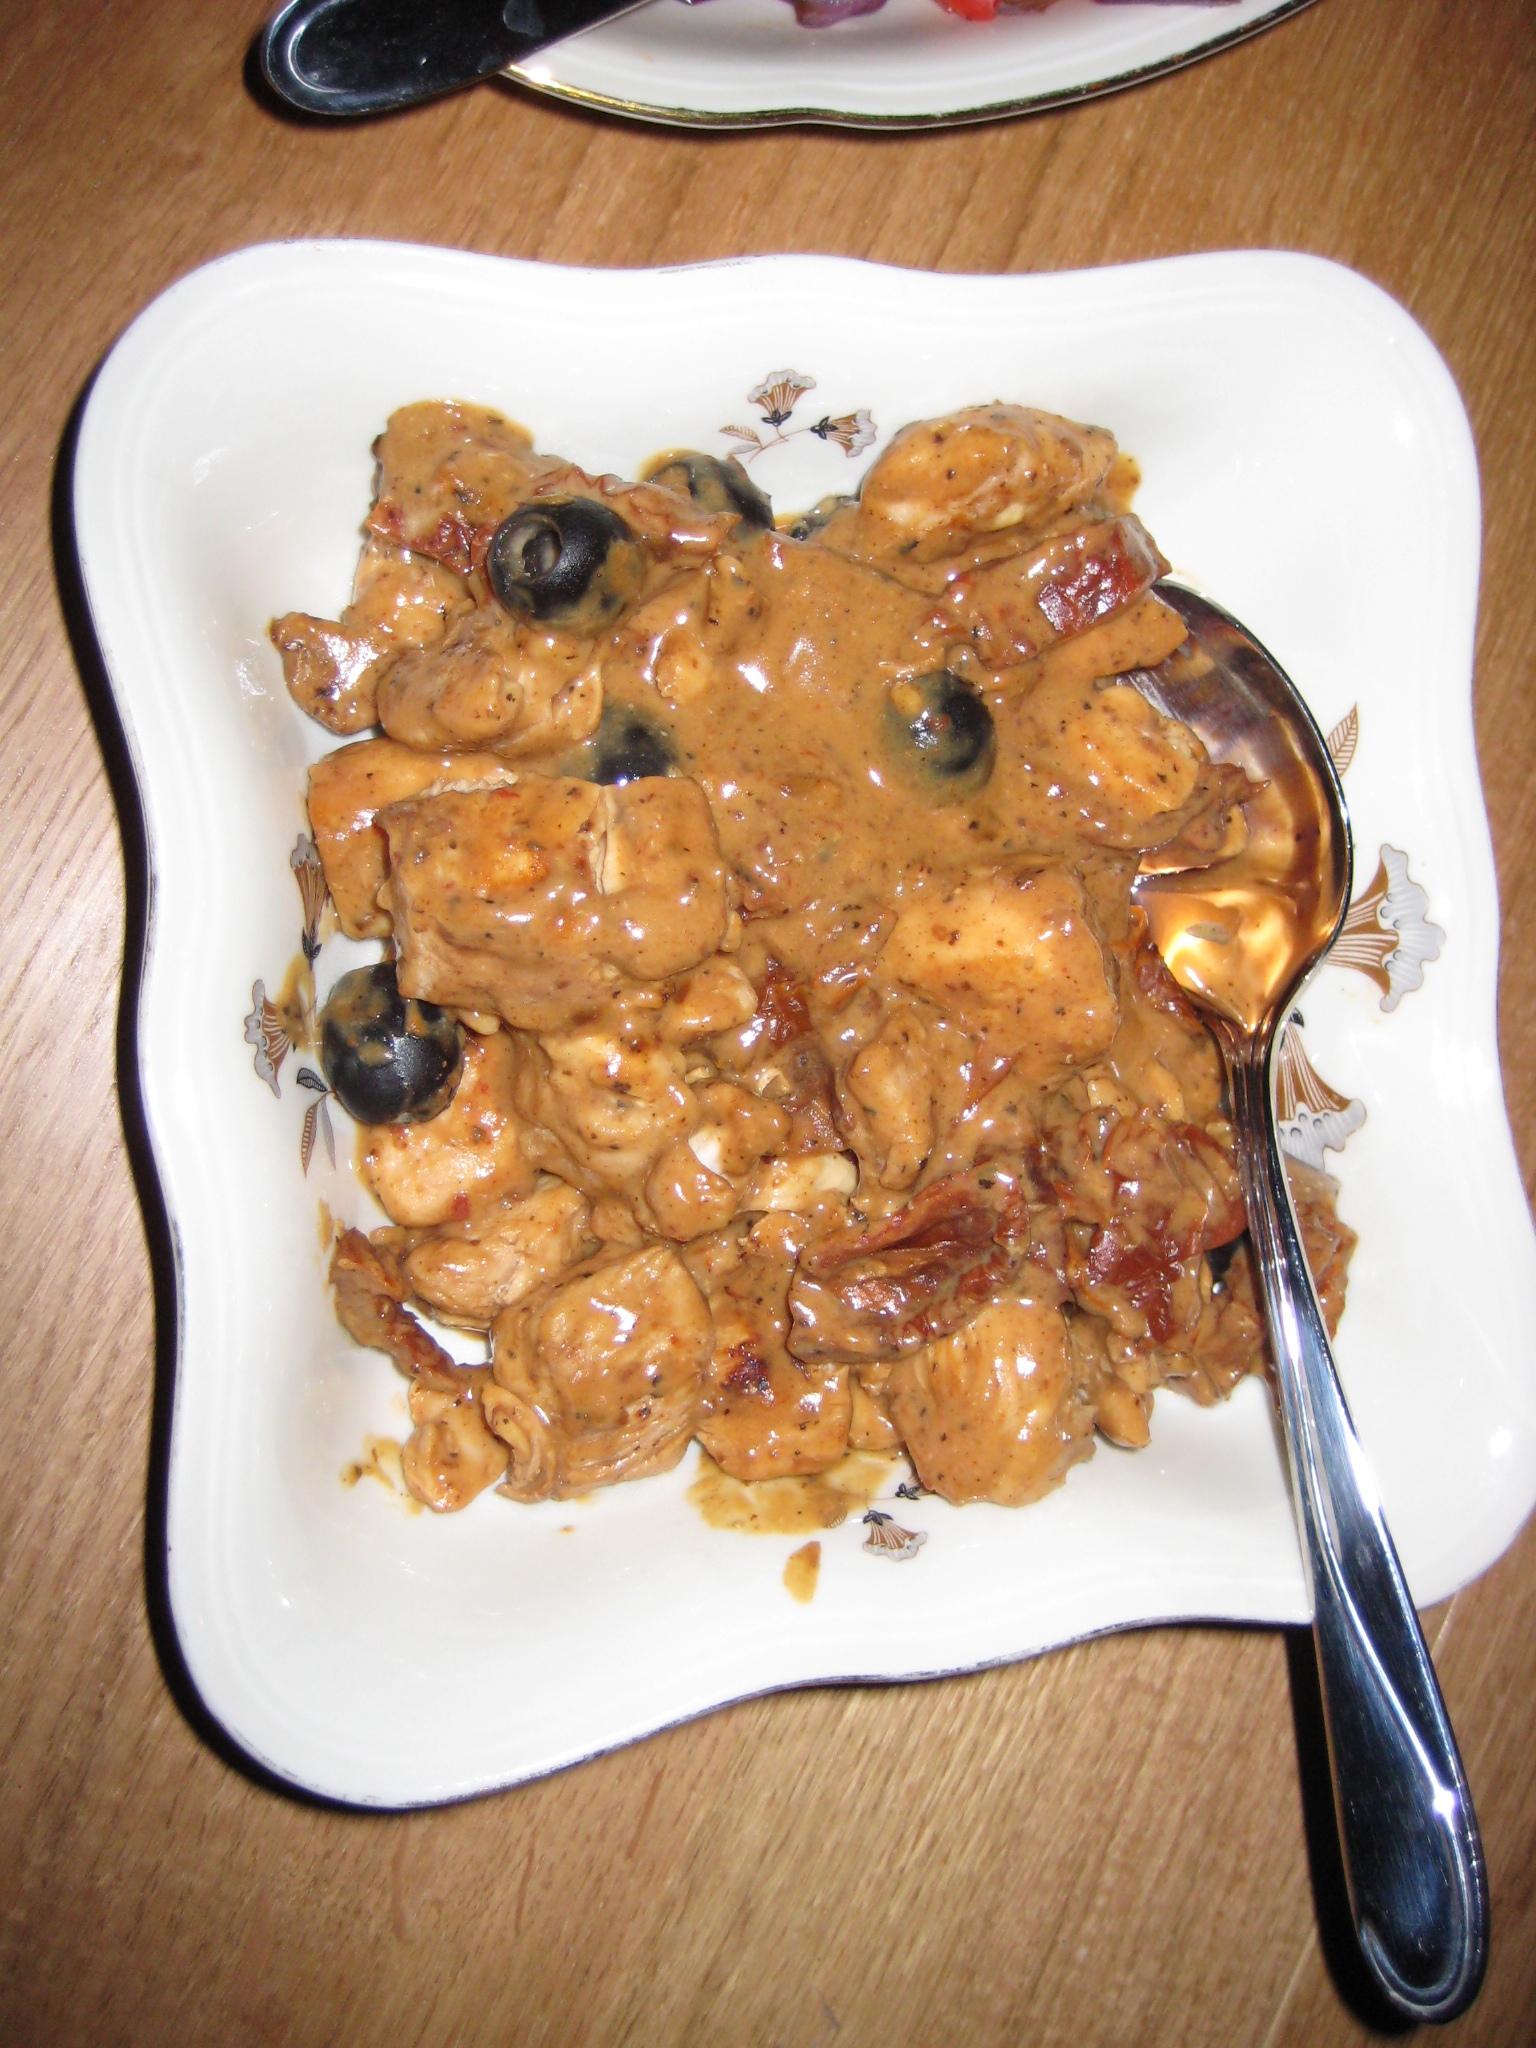 Kyckling gryta m tomat och oliver